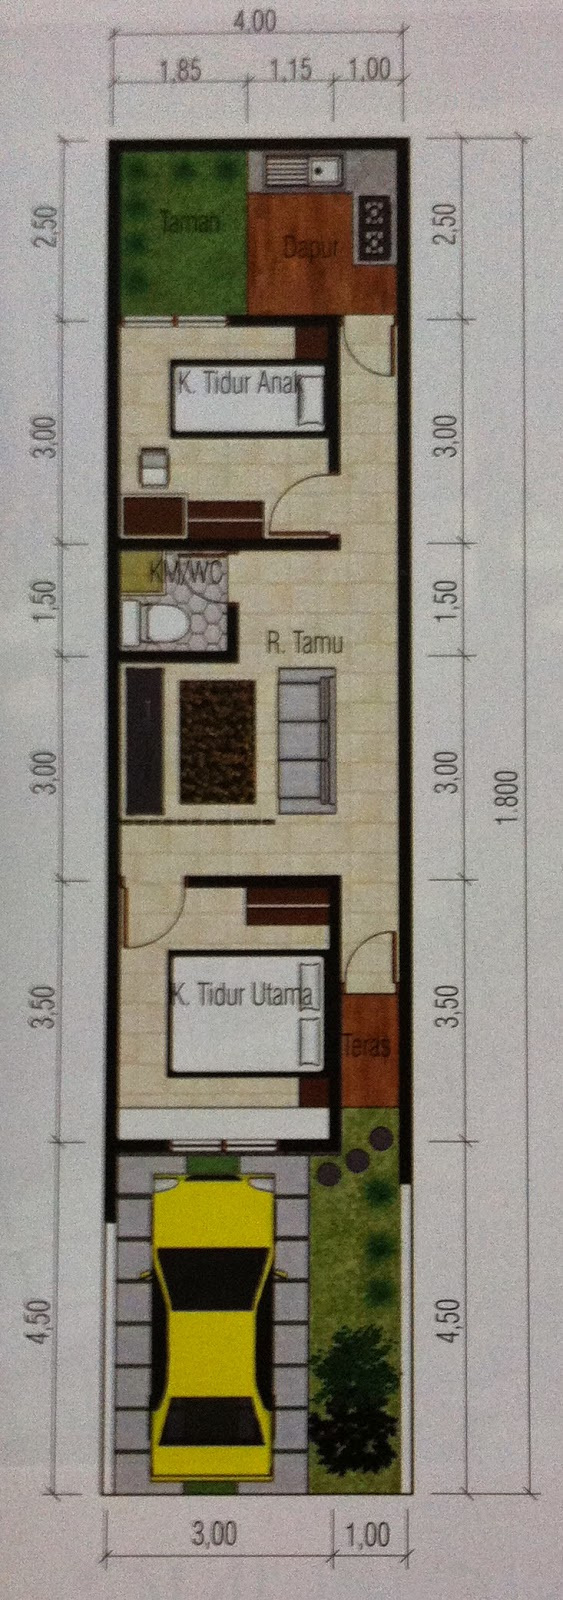 Desain Rumah Ukuran 4x10 Meter